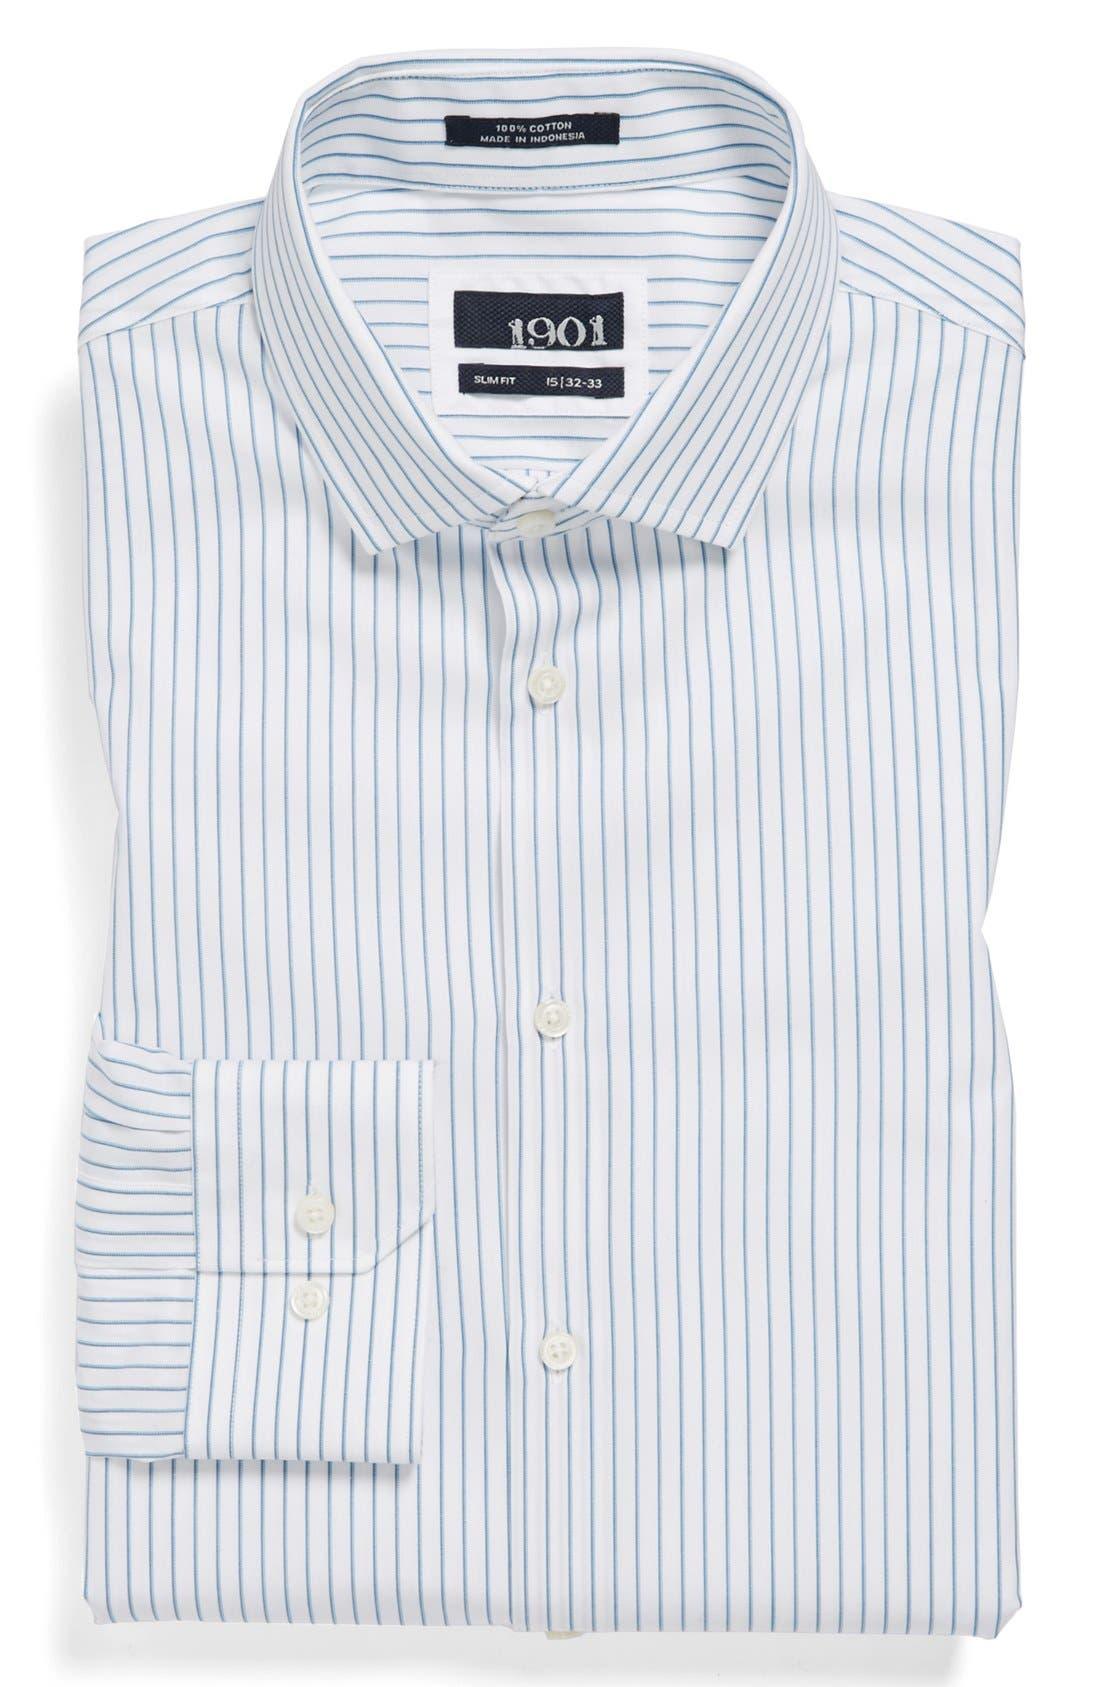 Main Image - 1901 Slim Fit Stripe Dress Shirt